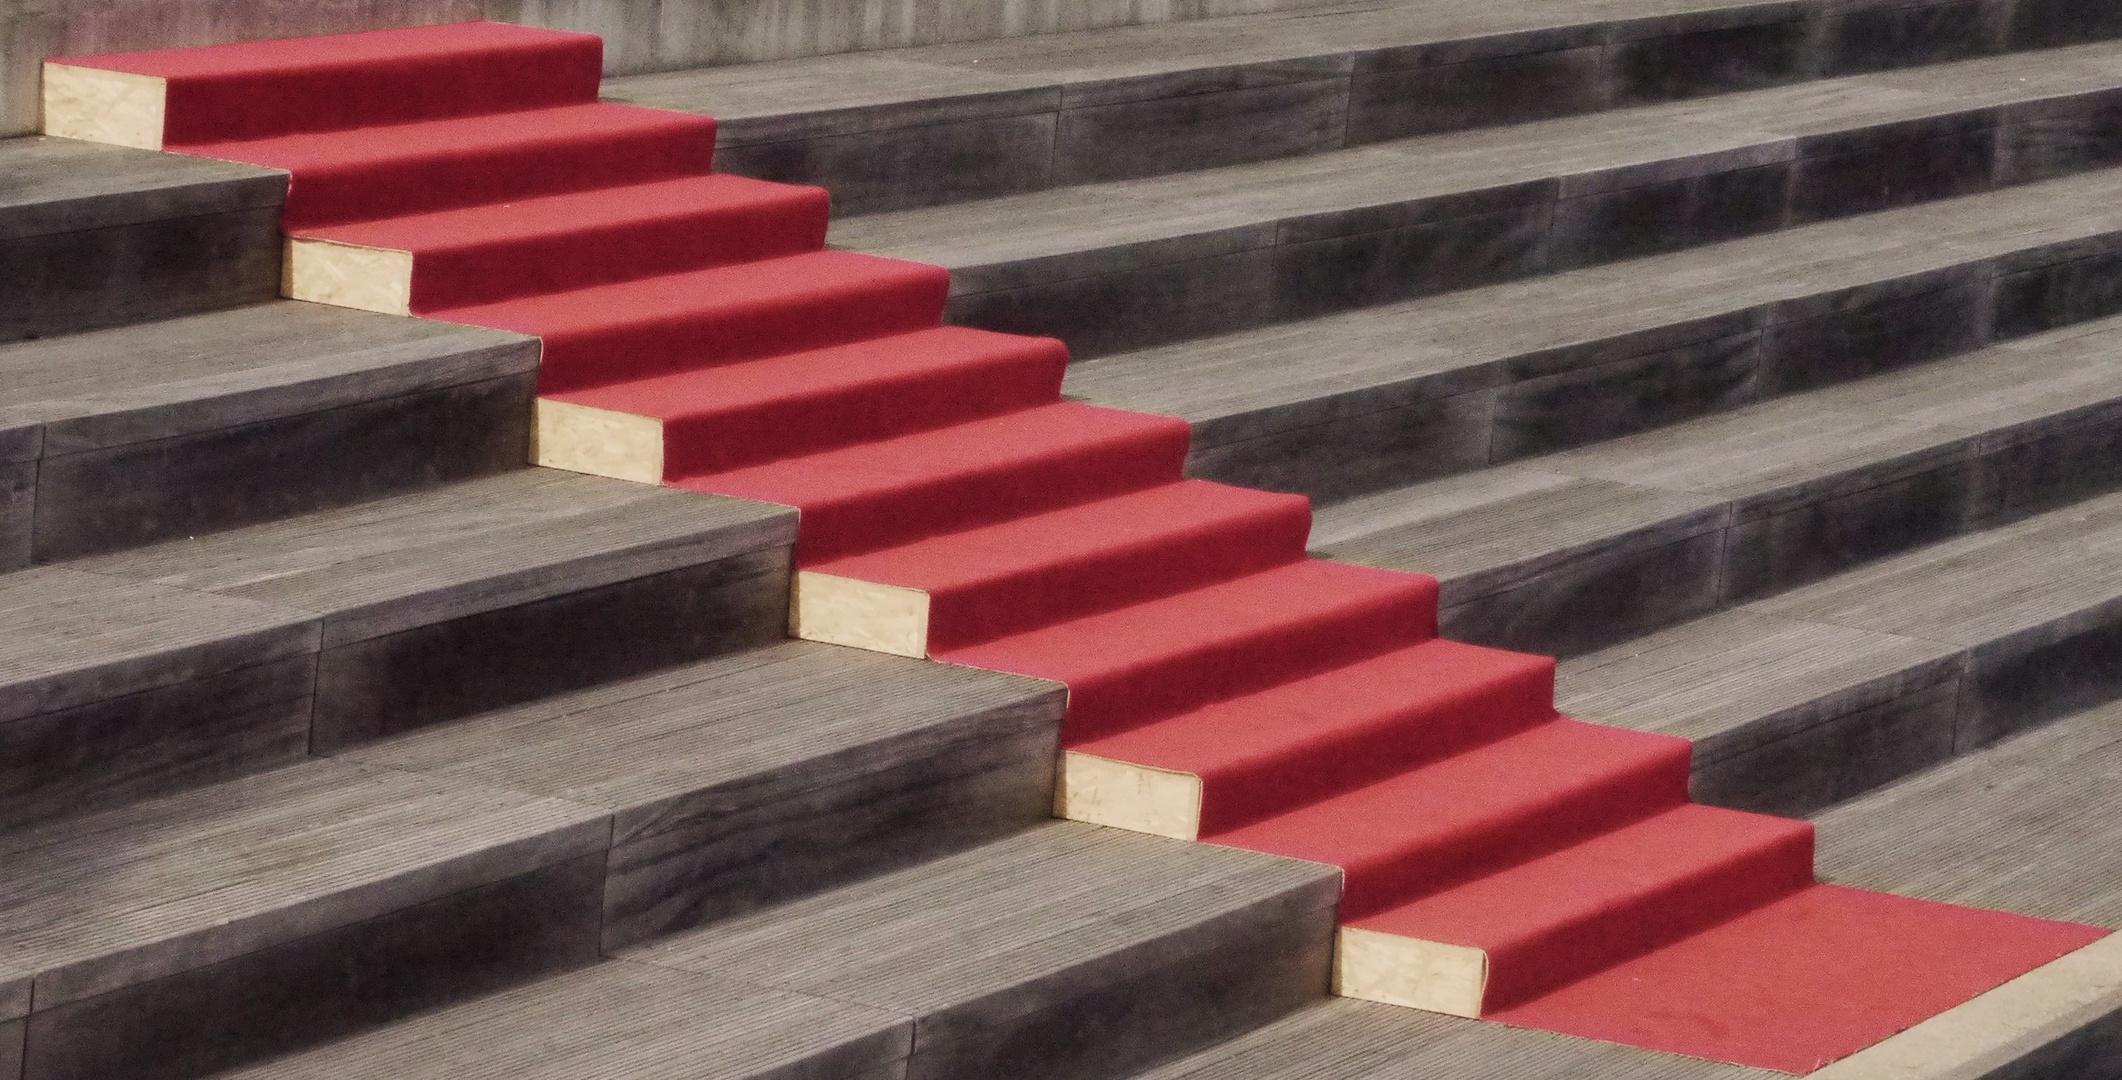 rote teppich treppe nicht nur f r alfred foto bild architektur stadtlandschaft reisen. Black Bedroom Furniture Sets. Home Design Ideas